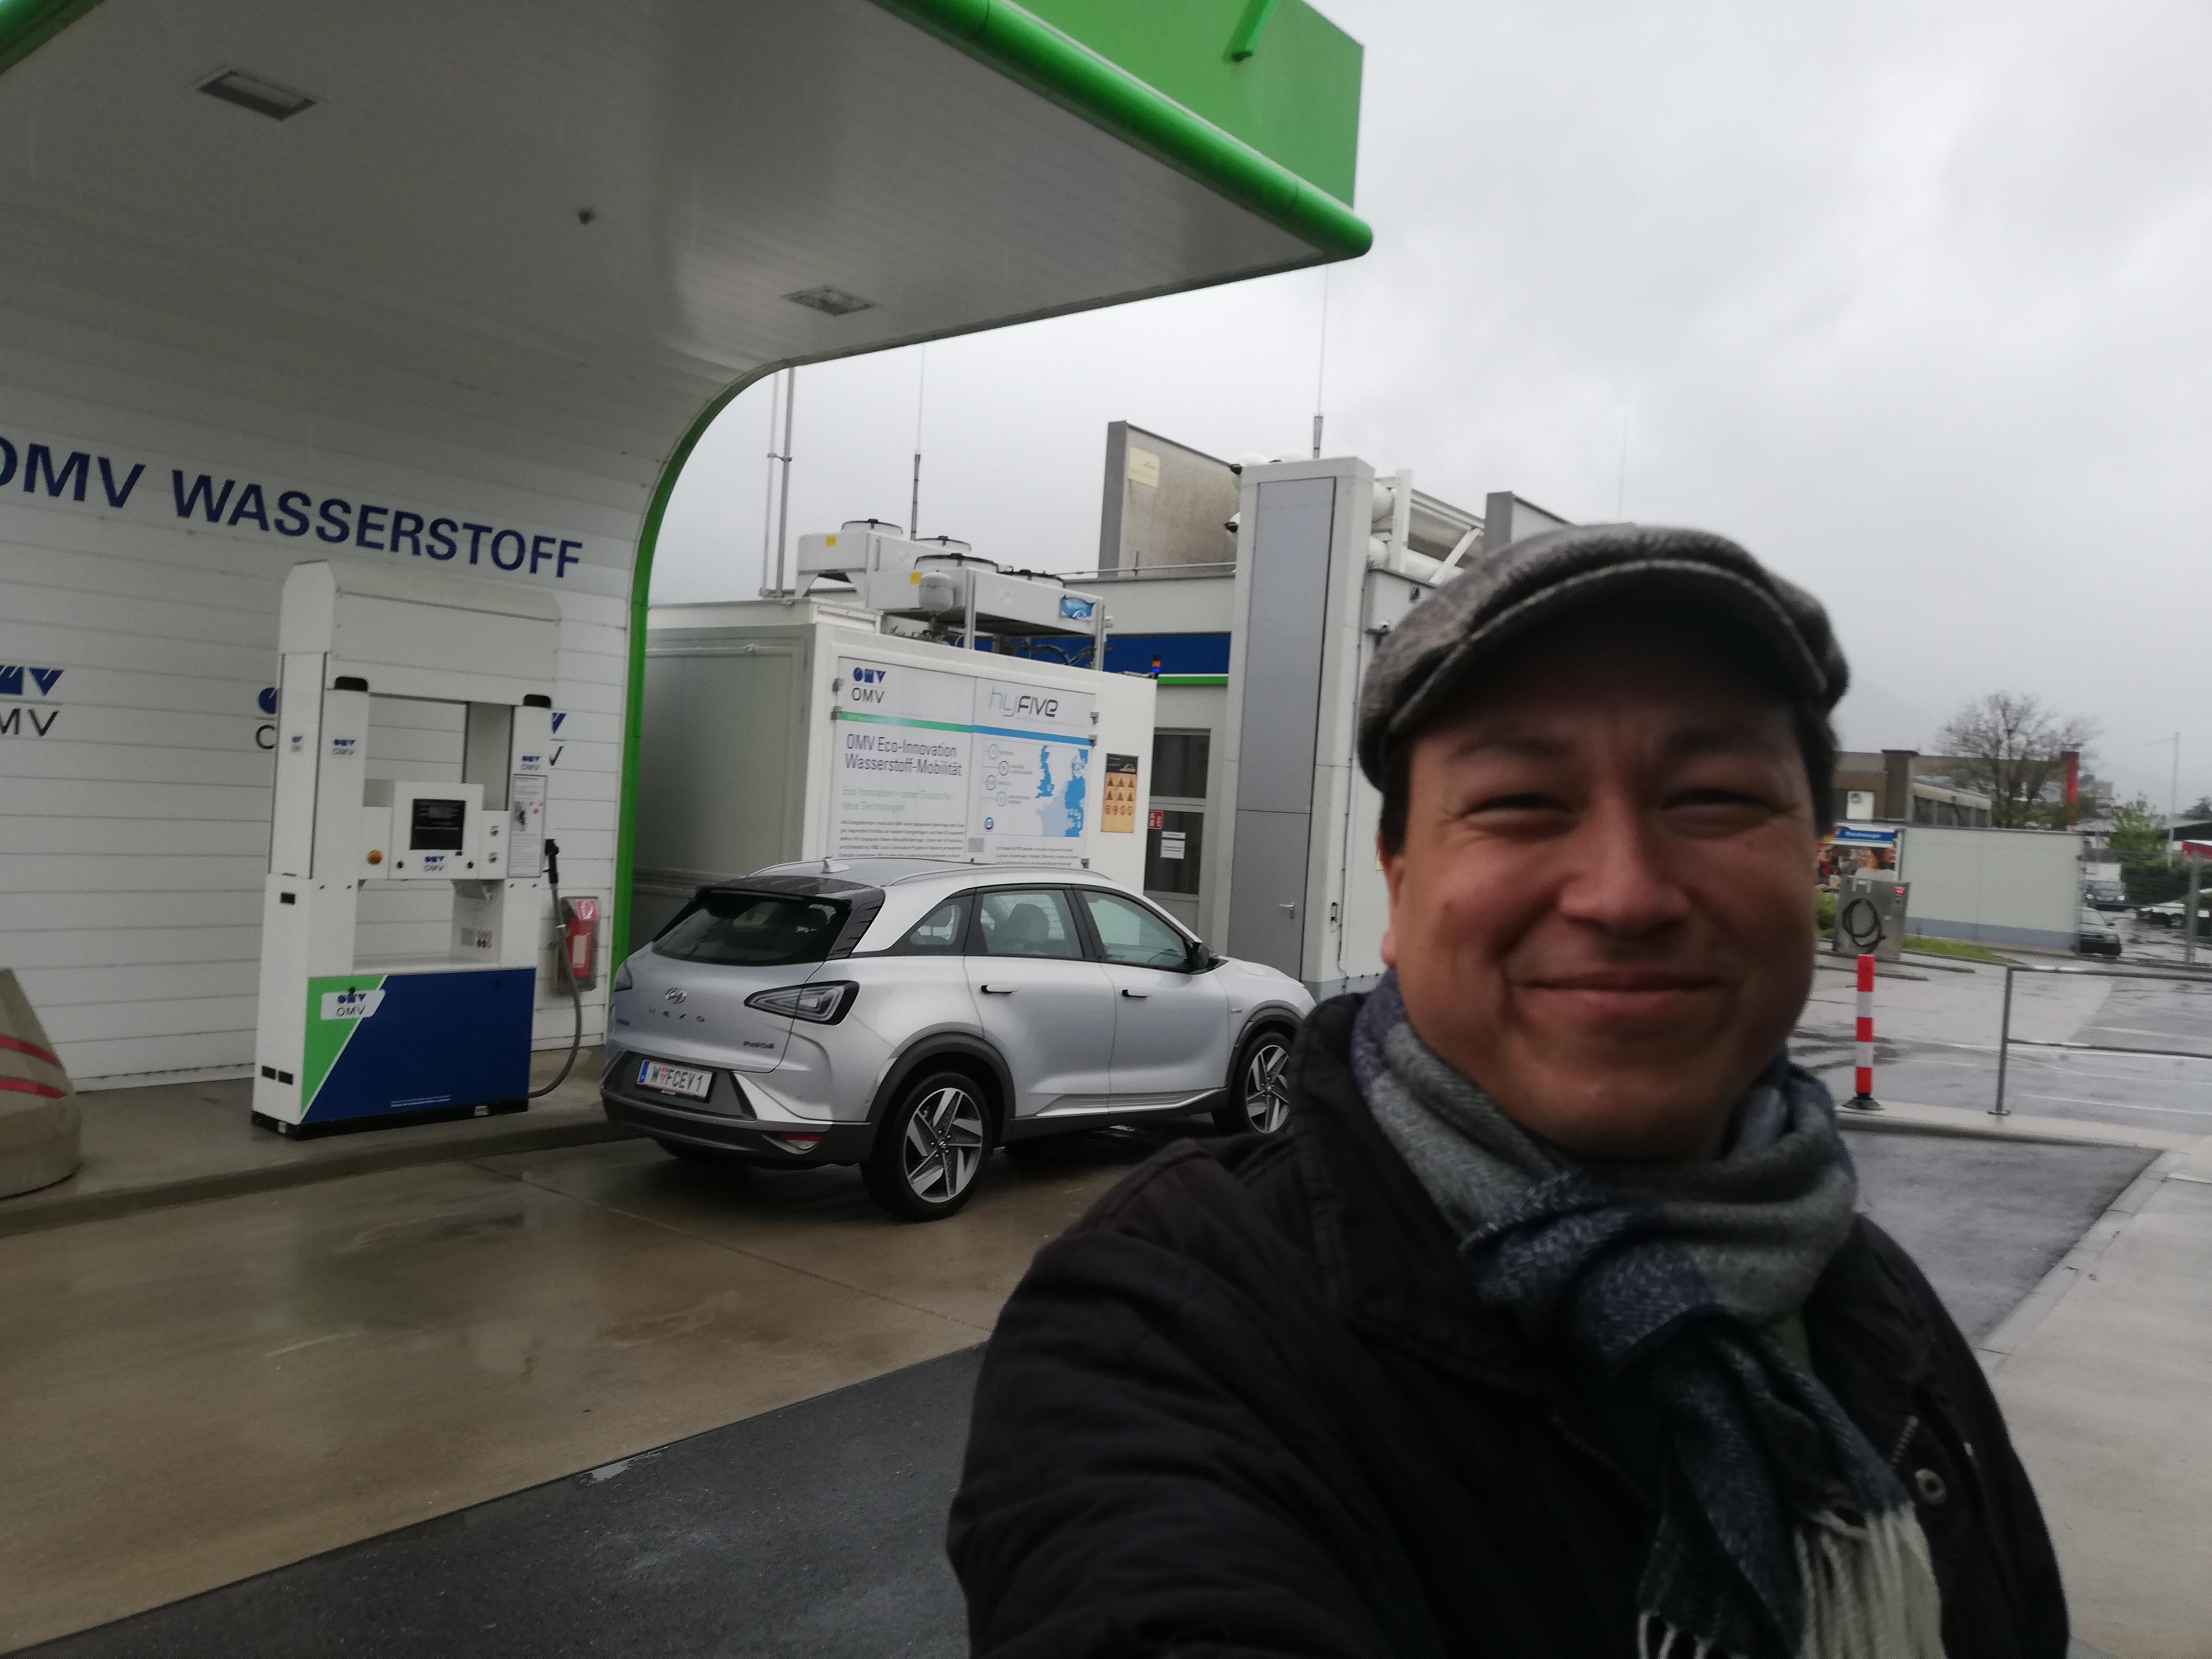 hyundai-nexo-range-test-hydrochan-Vienna-Offenbach-Innsbruck wasserstoff tankstelle omv andechsstrasse mortimer